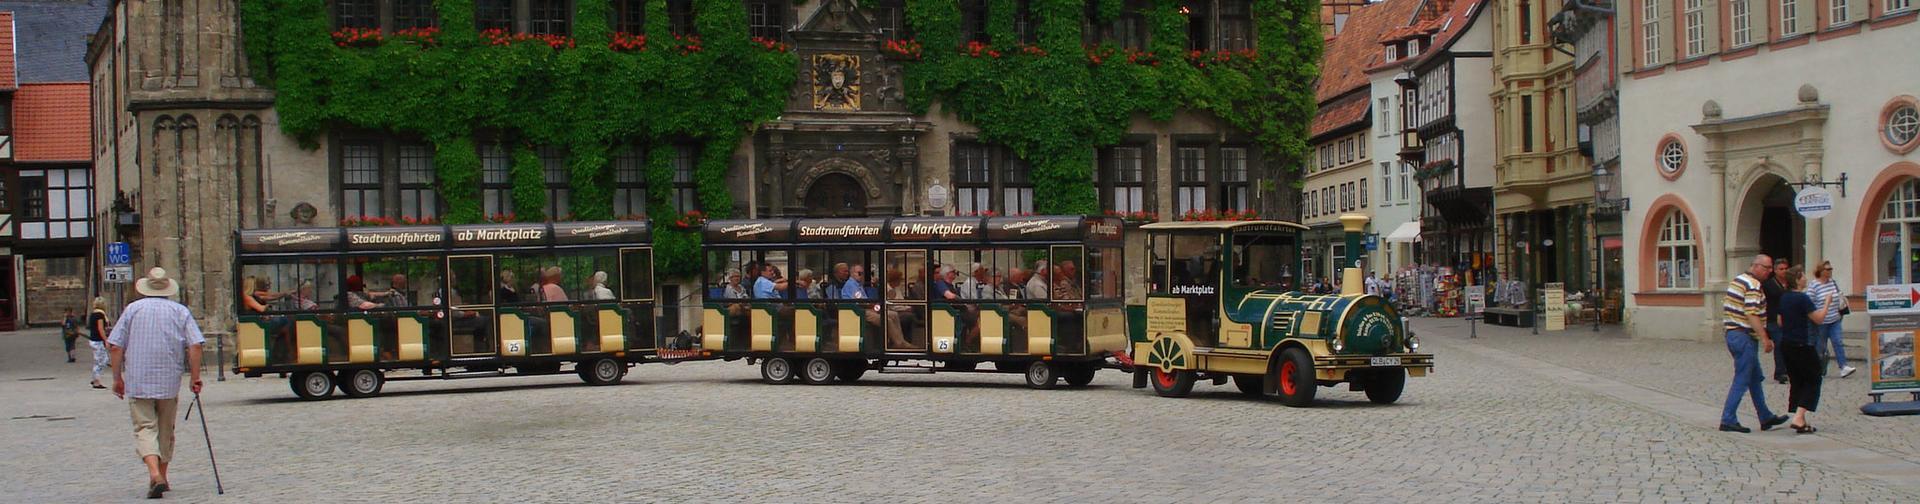 Bimmelbahn auf dem Marktplatz in Quedlinburg